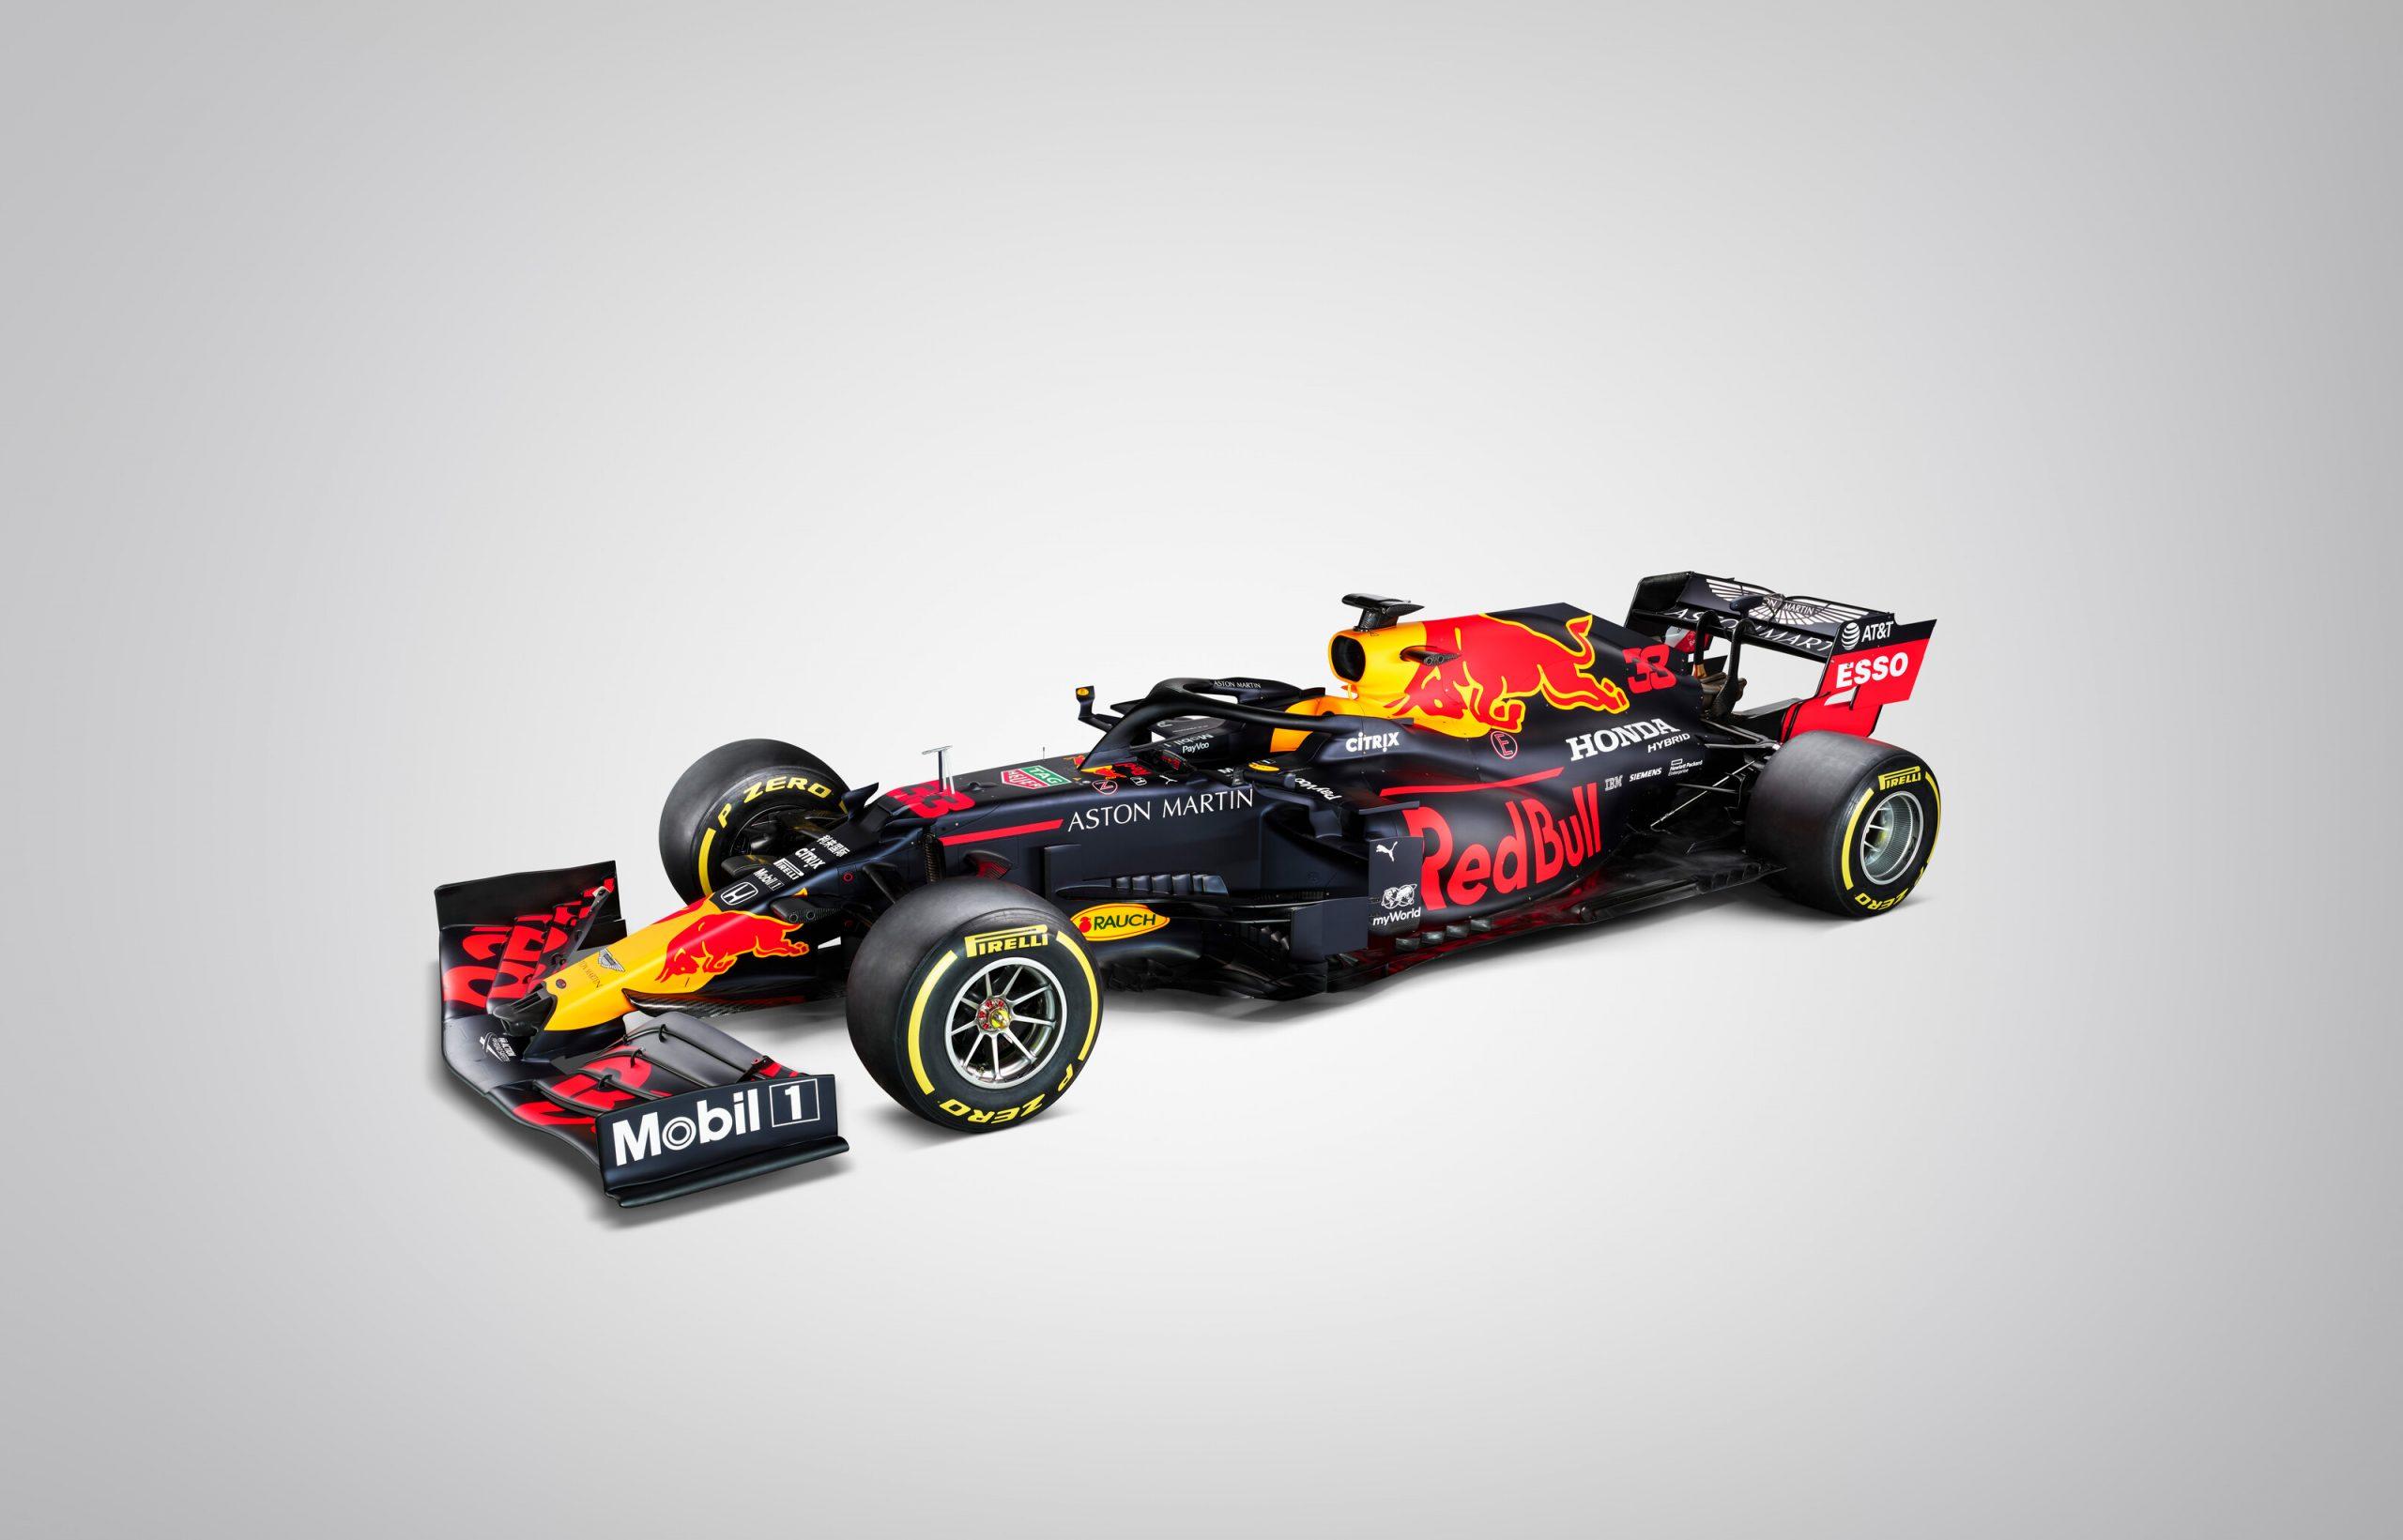 2020 Red Bull Rb16 F1車の打ち上げ写真 F1 Fansite Com